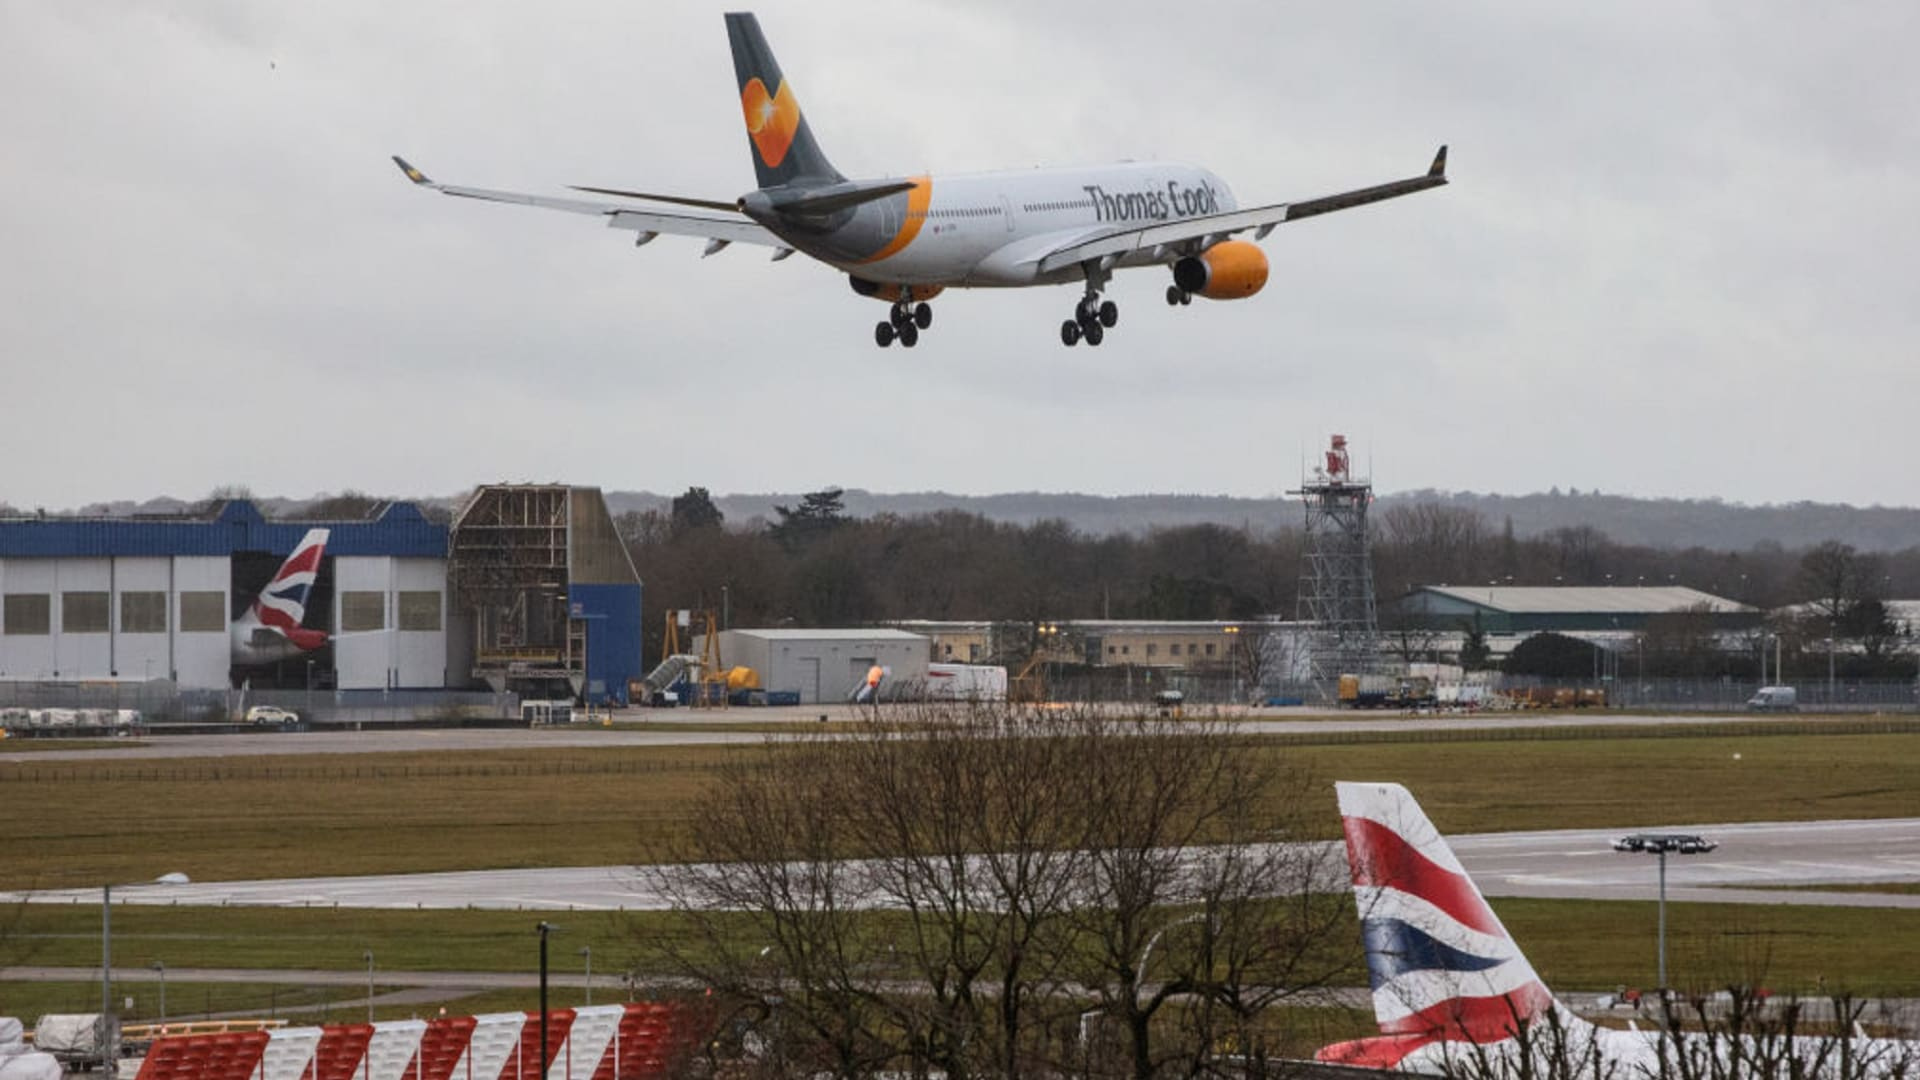 استئناف الرحلات بعد فوضى طائرة بدون دون طيار بمطار جاتويك